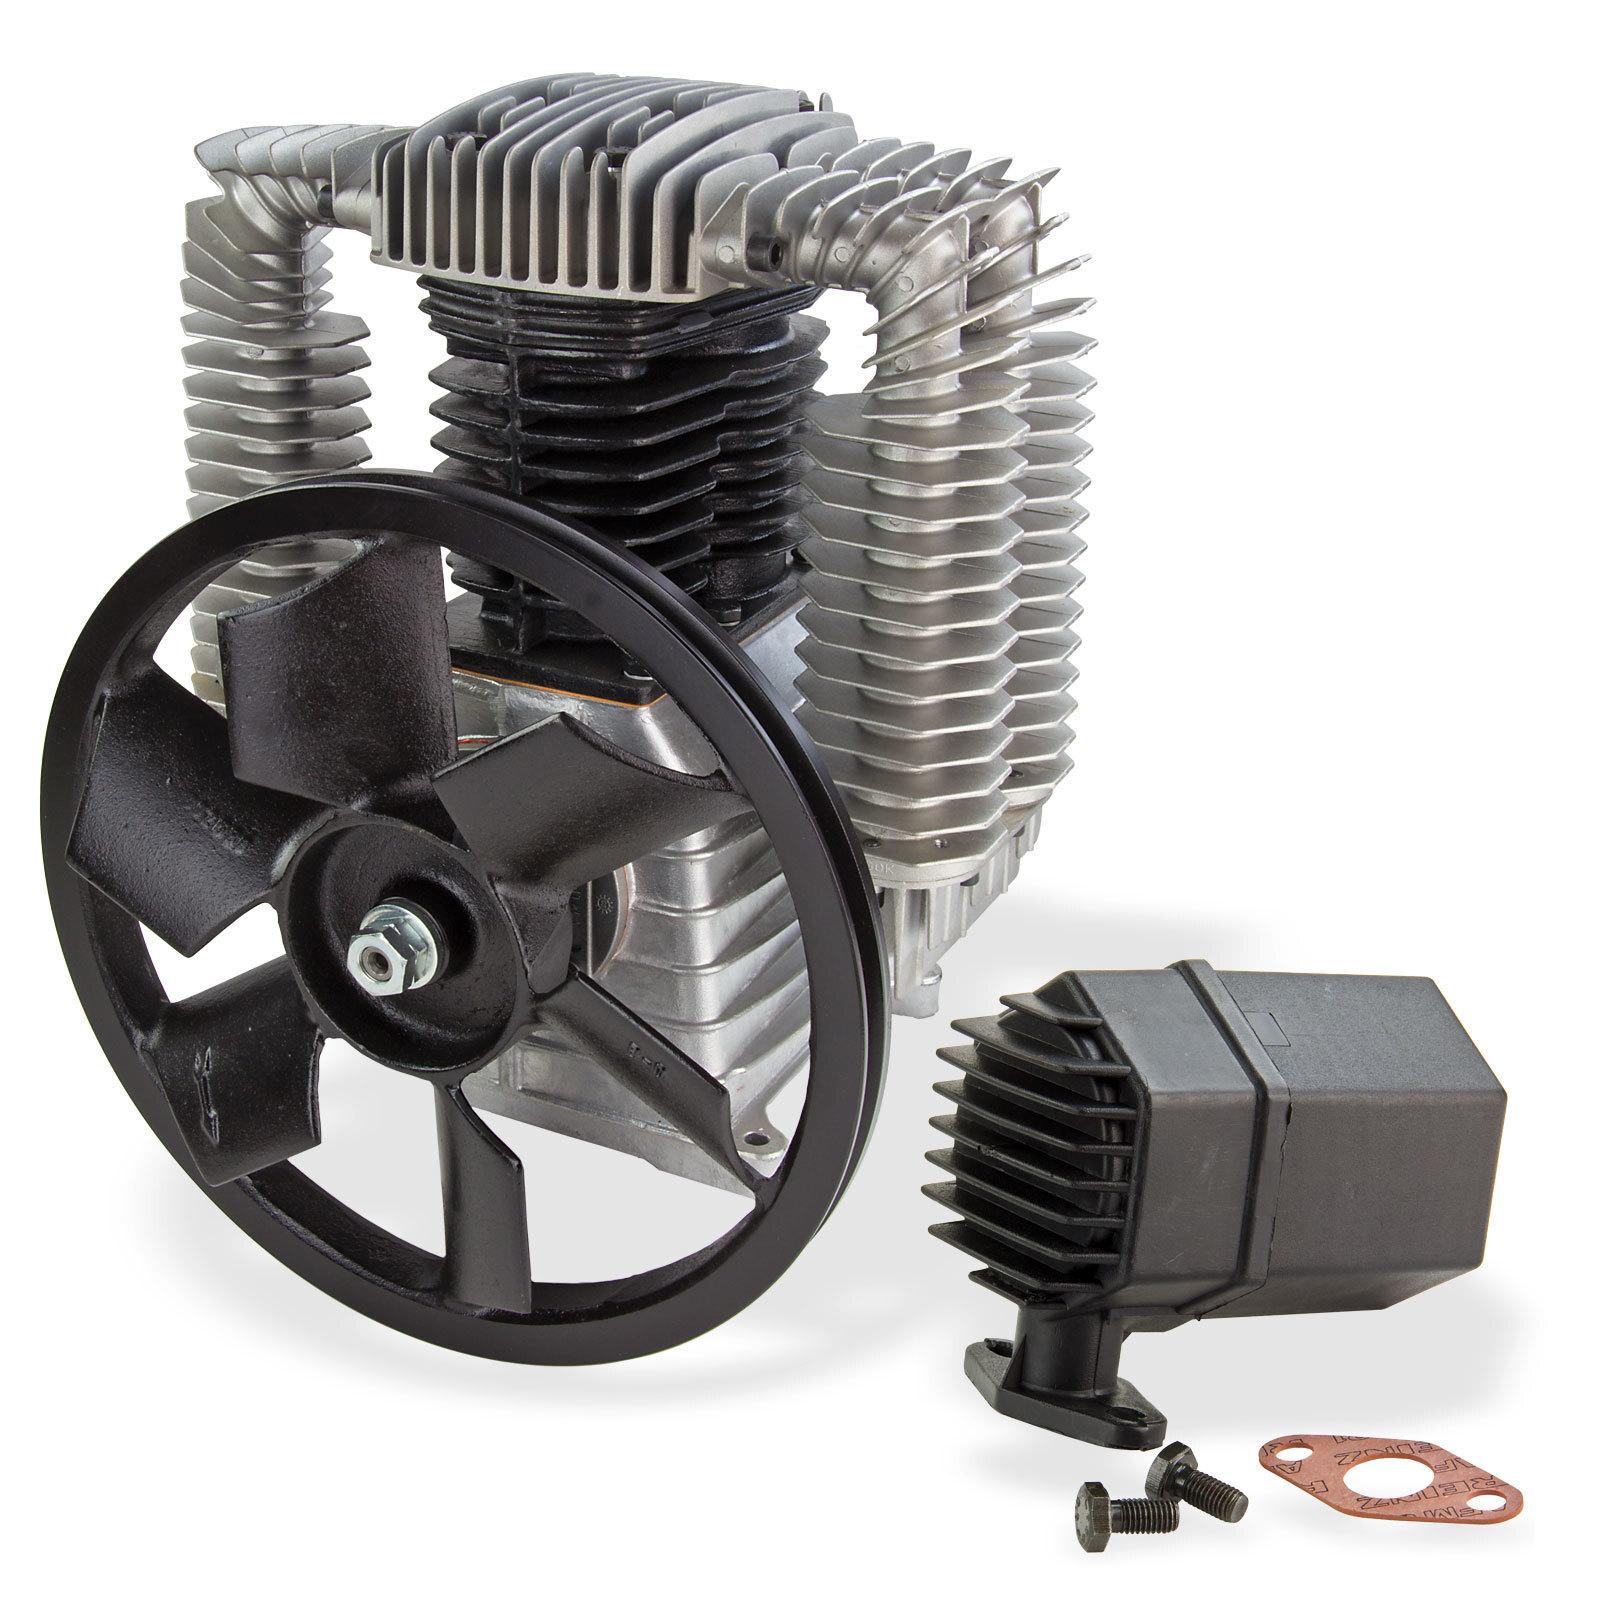 aggregat f r kompressor 800 11 90 400v 2 zylinder 750 l. Black Bedroom Furniture Sets. Home Design Ideas